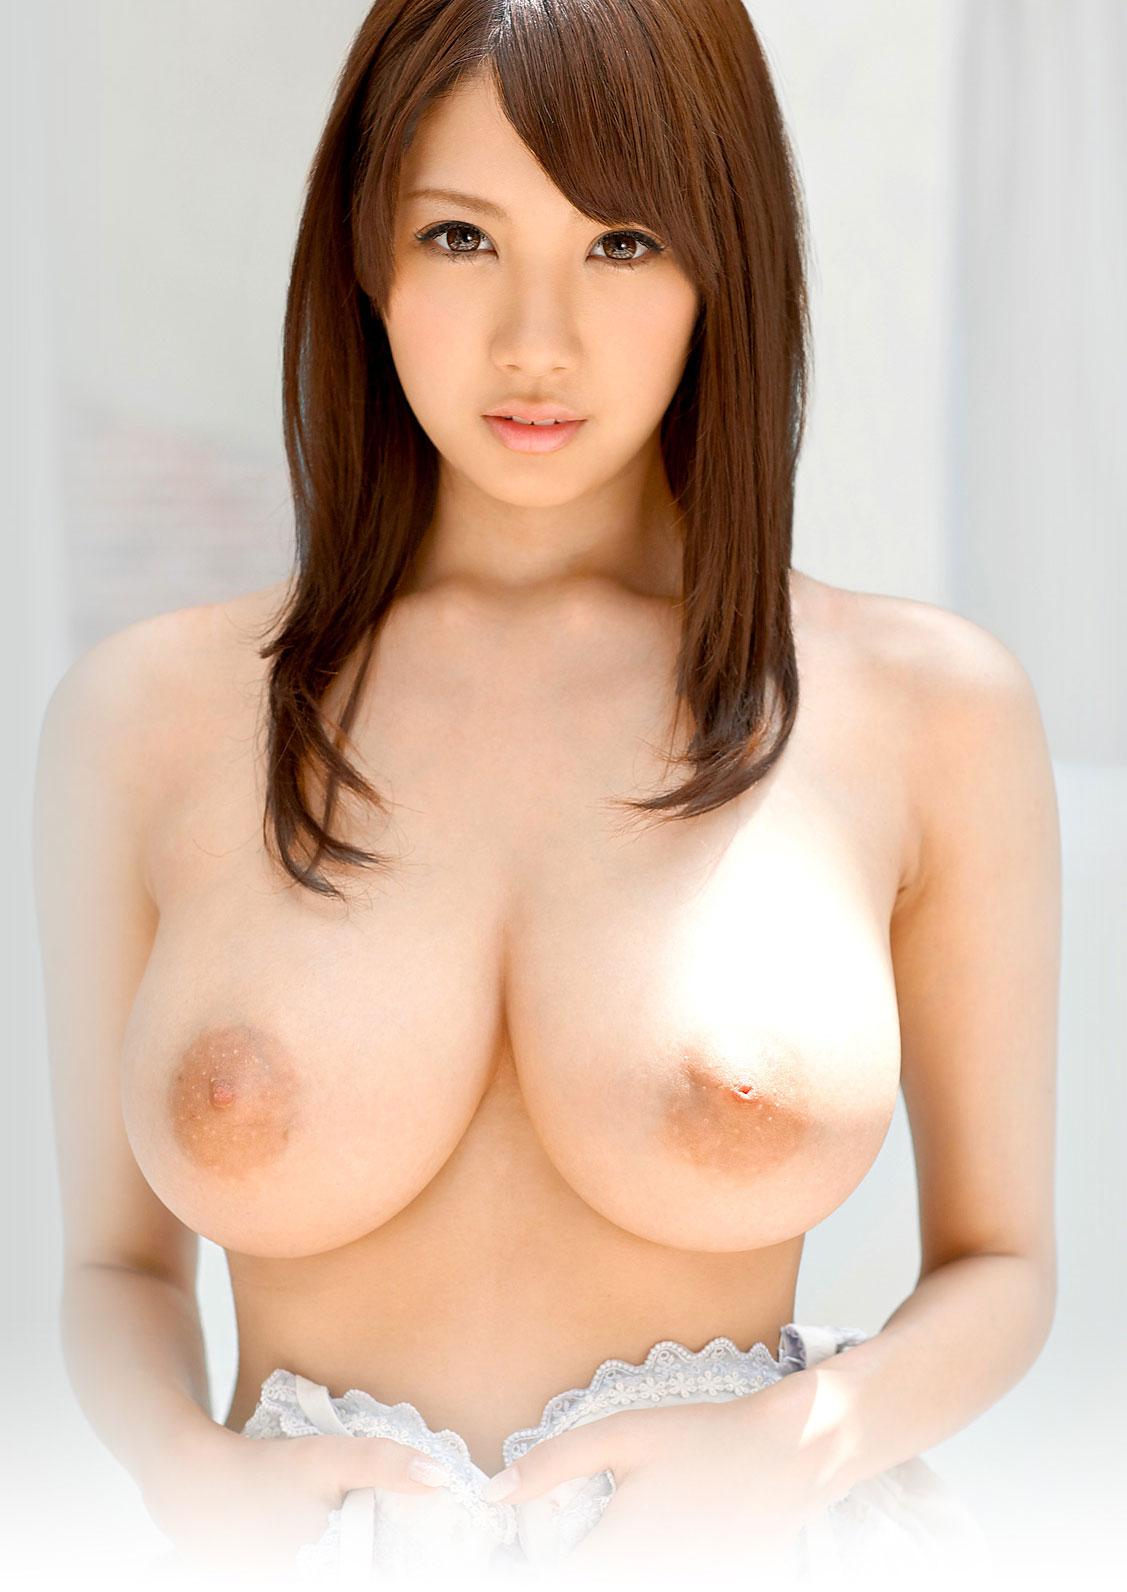 hot Japanese glamour